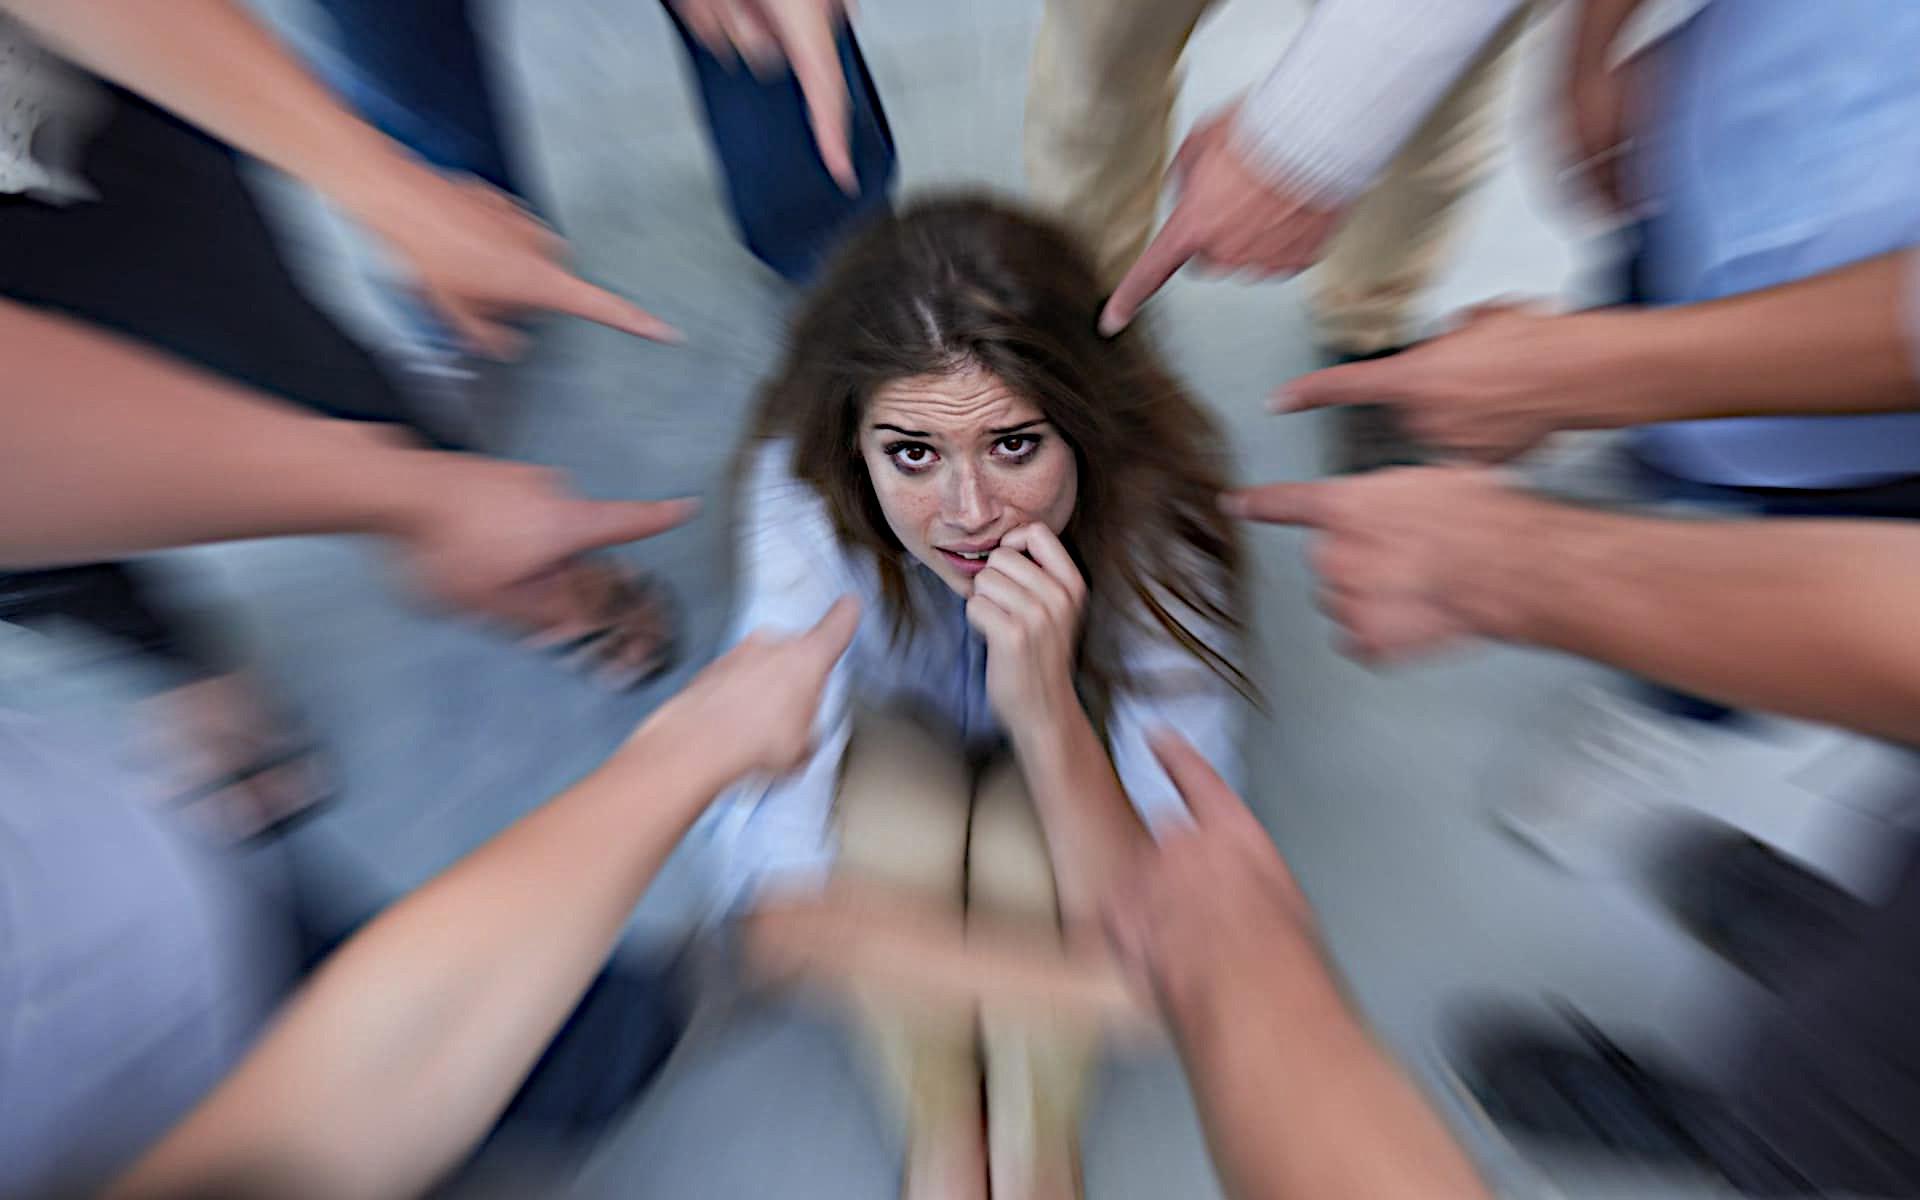 Расстройство часто диагностируется у женщин, которые выросли в неблагополучных семьях